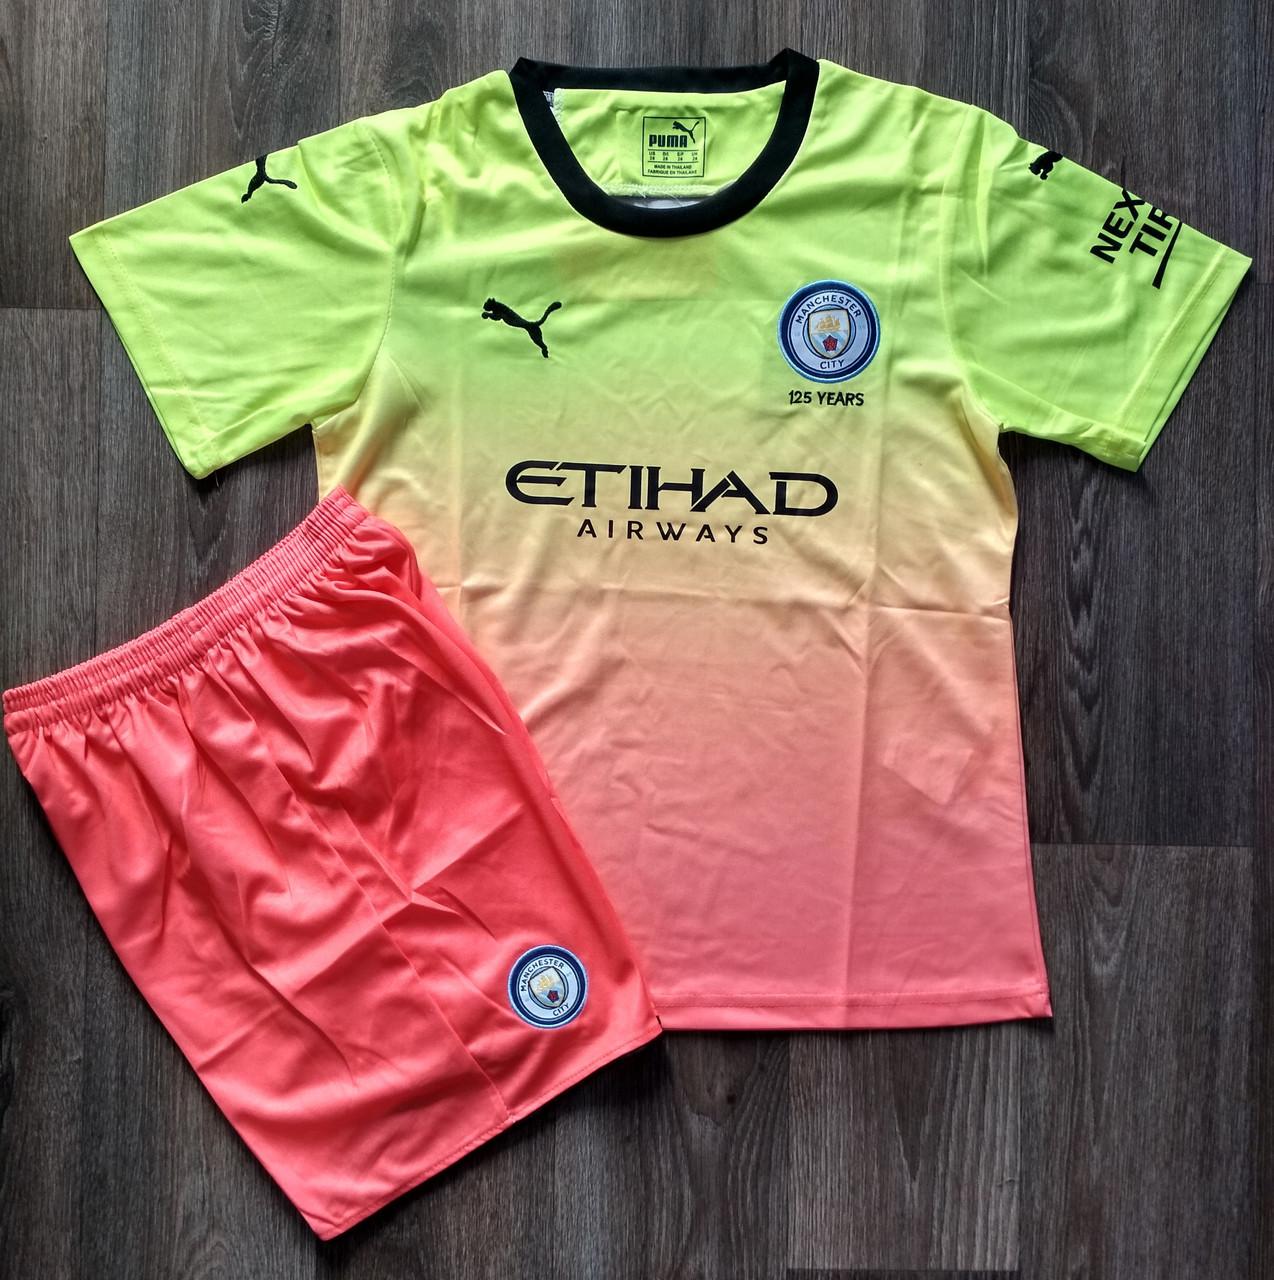 Детская футбольная форма Манчестер Сити/Manchester City ( Англия, Премьер Лига ), резервная, сезон 2019-2020